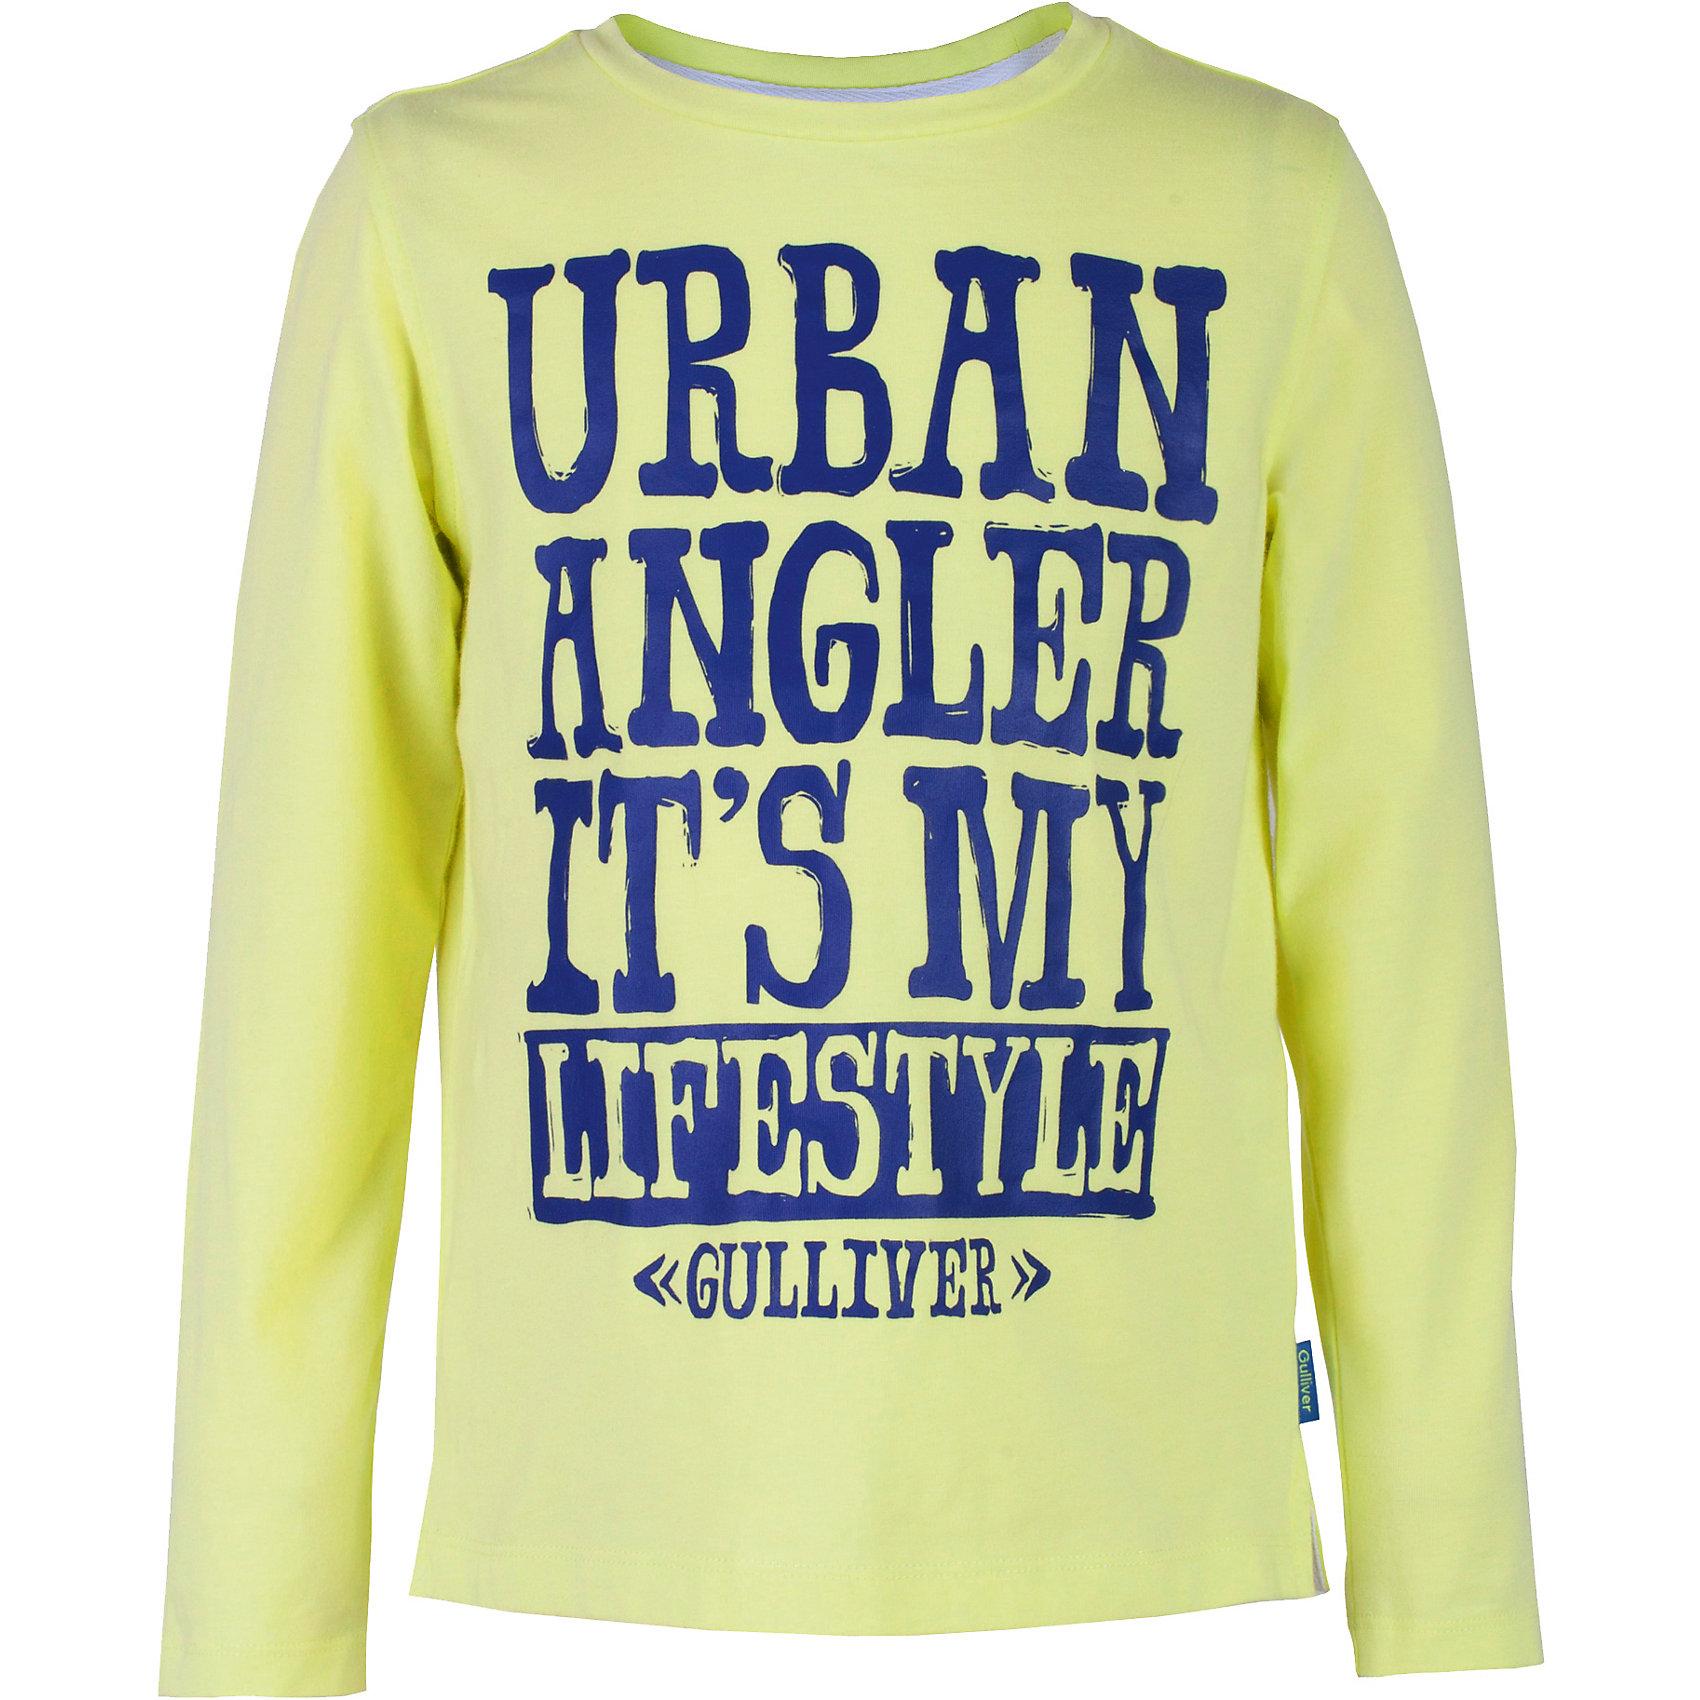 Футболка для мальчика GulliverВы хотите купить интересную цветную футболку с длинным рукавом для мальчика? Предпочитаете приобрести модную необычную модель, при этом качественную брендовую вещь, которая добавит в летний гардероб ребенка свежесть и позитив? Тогда эта классная яркая футболка с интересным шрифтовым принтом - отличный выбор! Модная салатовая футболка с длинным рукавом выполнена из мягкого хлопка с эластаном. Она сделает каждый день ребенка ярким и увлекательным, подарив комфорт и свободу движений!<br>Состав:<br>95% хлопок      5% эластан<br><br>Ширина мм: 199<br>Глубина мм: 10<br>Высота мм: 161<br>Вес г: 151<br>Цвет: зеленый<br>Возраст от месяцев: 108<br>Возраст до месяцев: 120<br>Пол: Мужской<br>Возраст: Детский<br>Размер: 140,122,128,134<br>SKU: 5482922